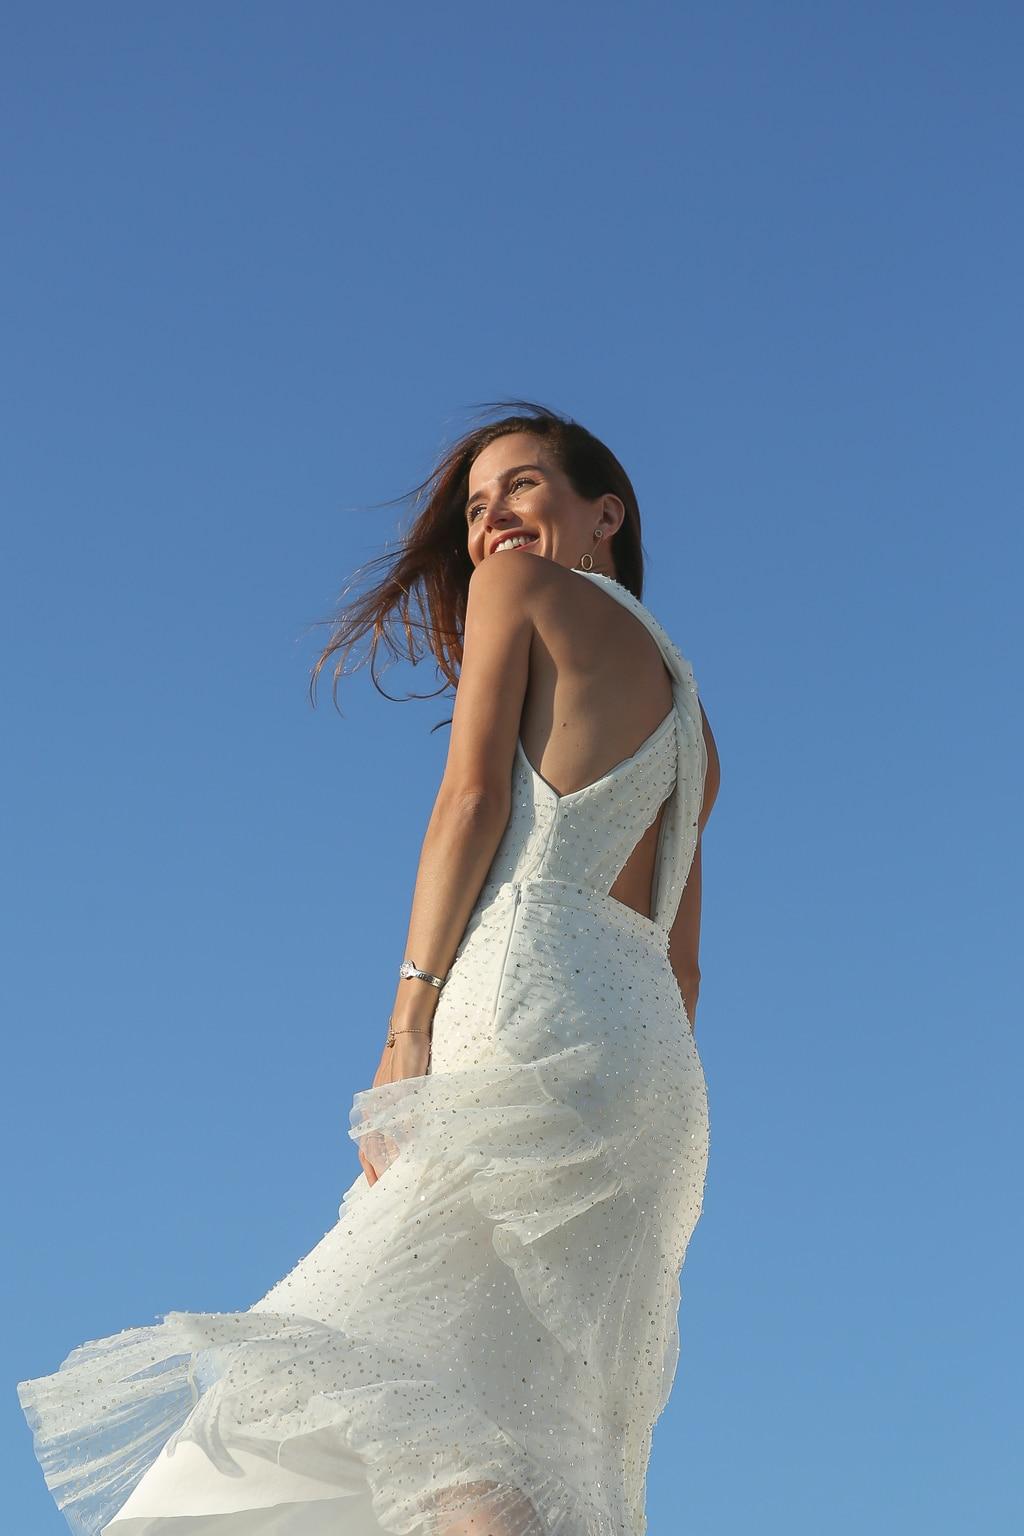 vestidos-ano-novo-reveillon-vestido-de-festa-julia-golldenzon-51